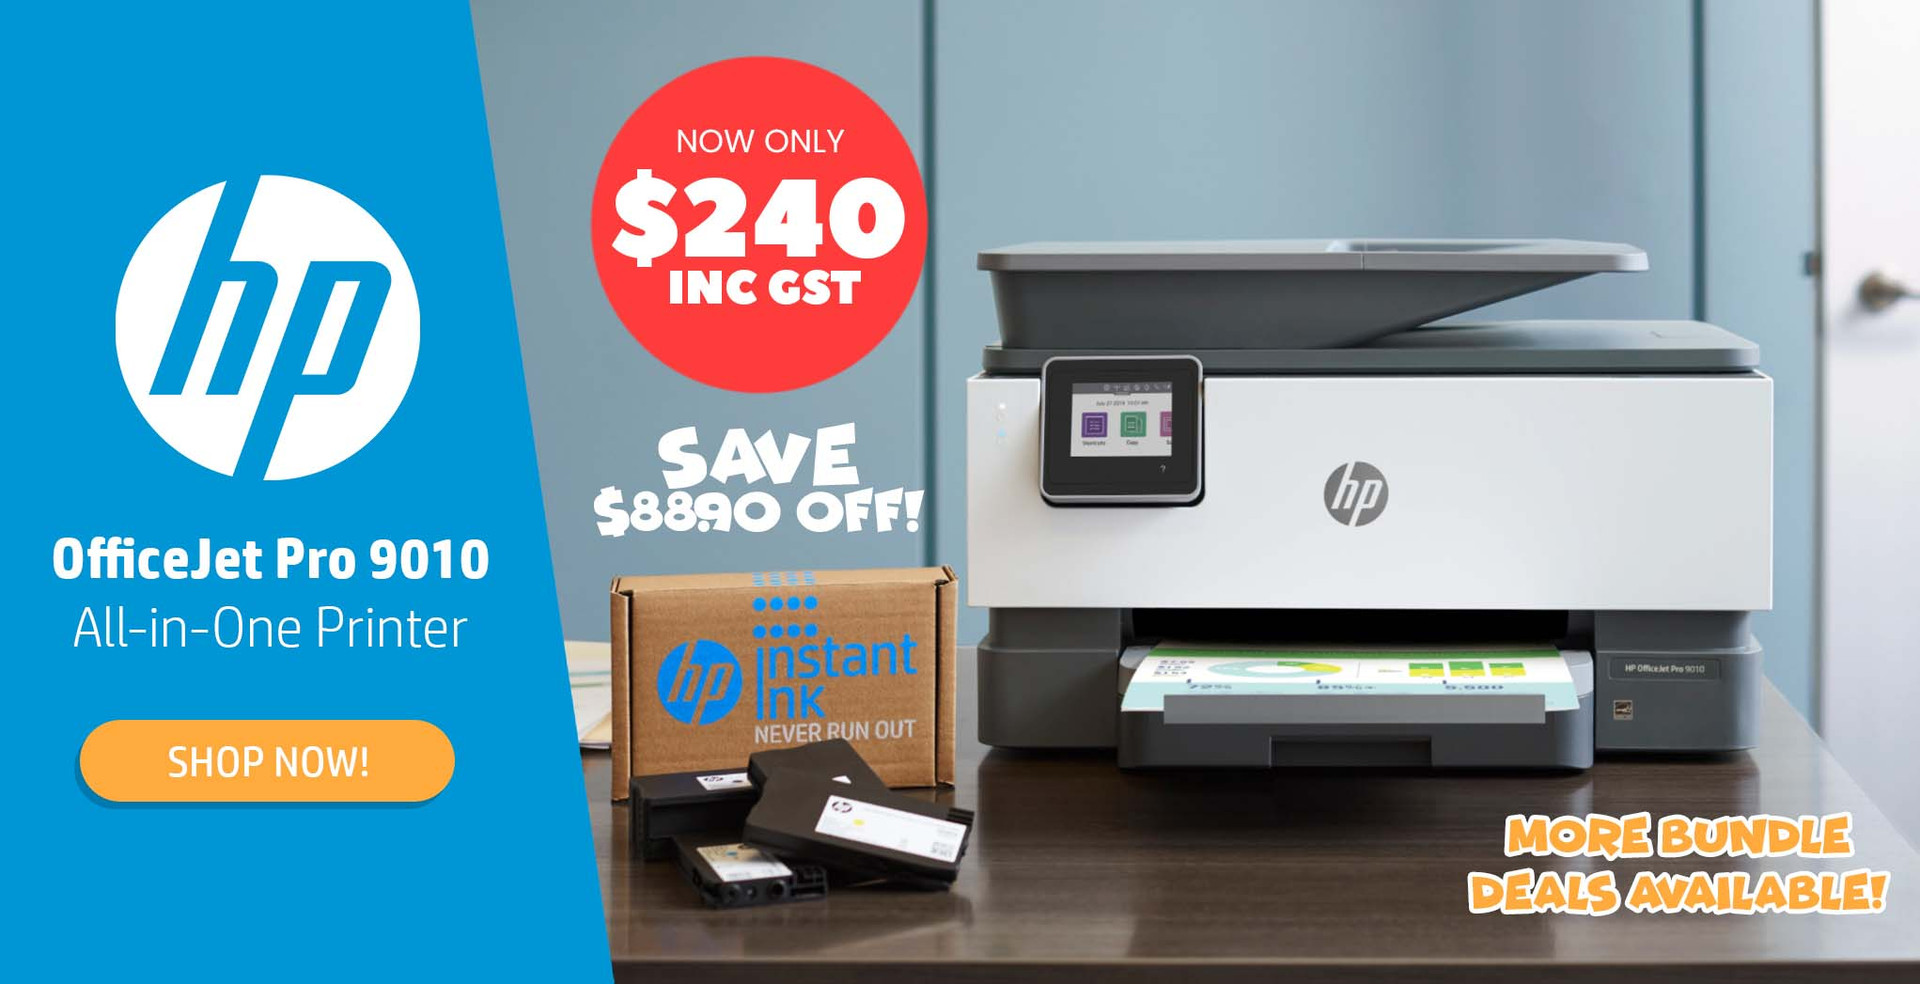 HP OfficeJet Pro 9010: Bundle Deals Available!